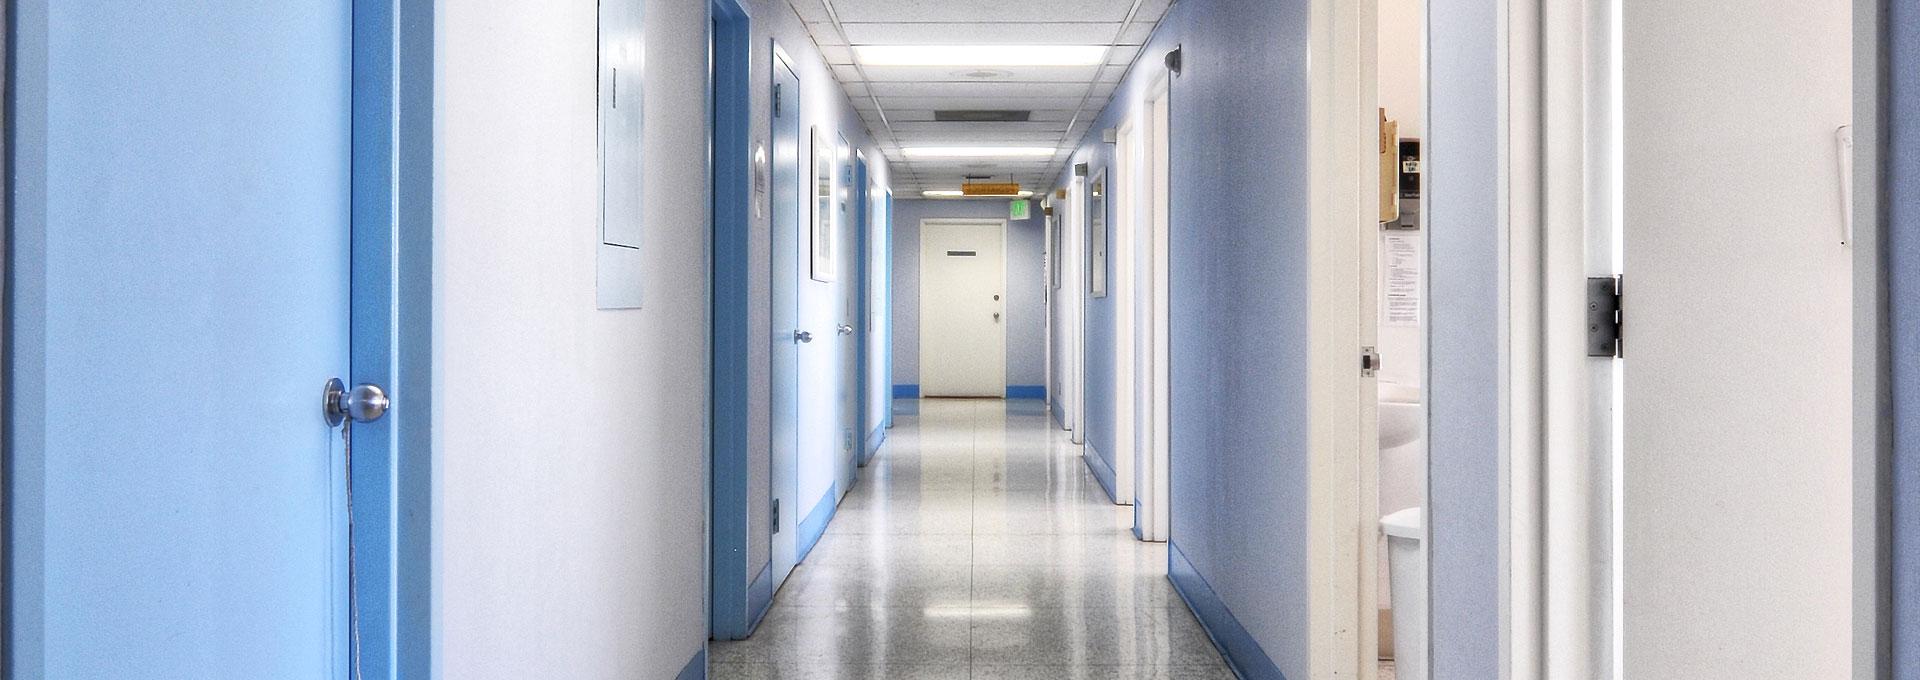 medical-slide-03N